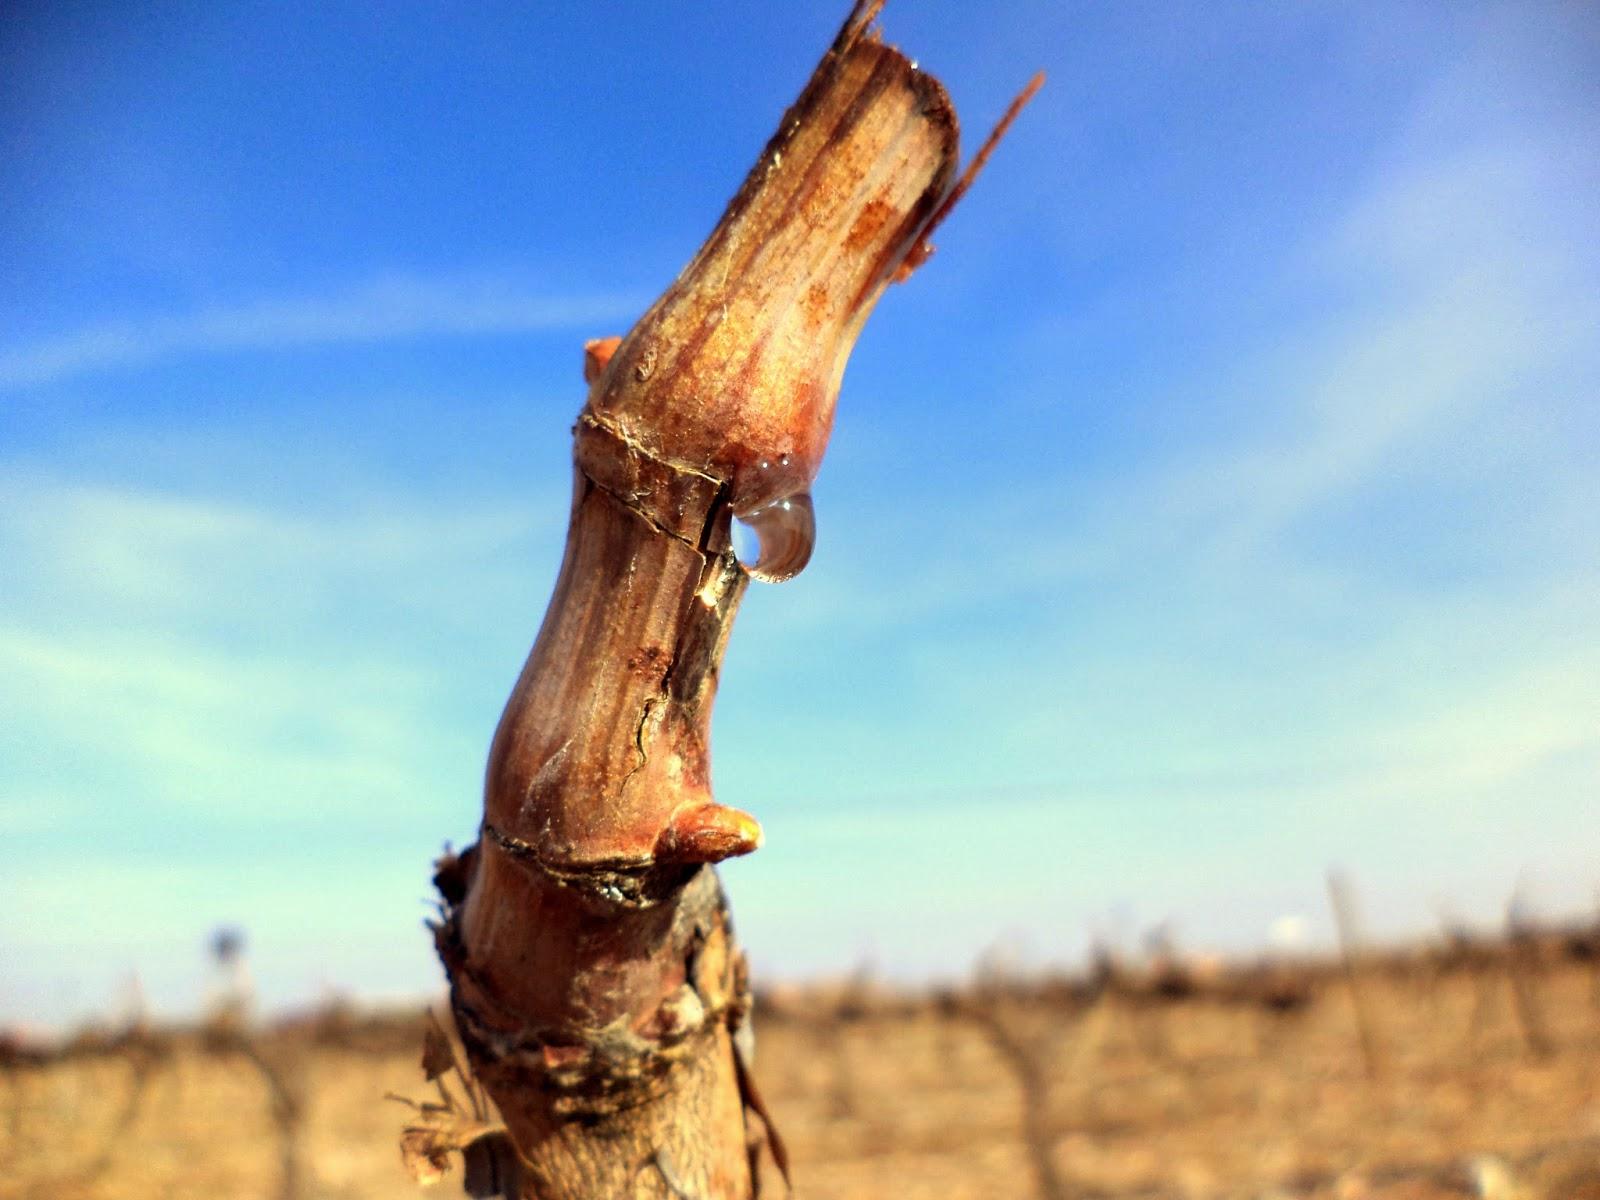 Fotografía de un pulgar de una cepa en Cariñena.